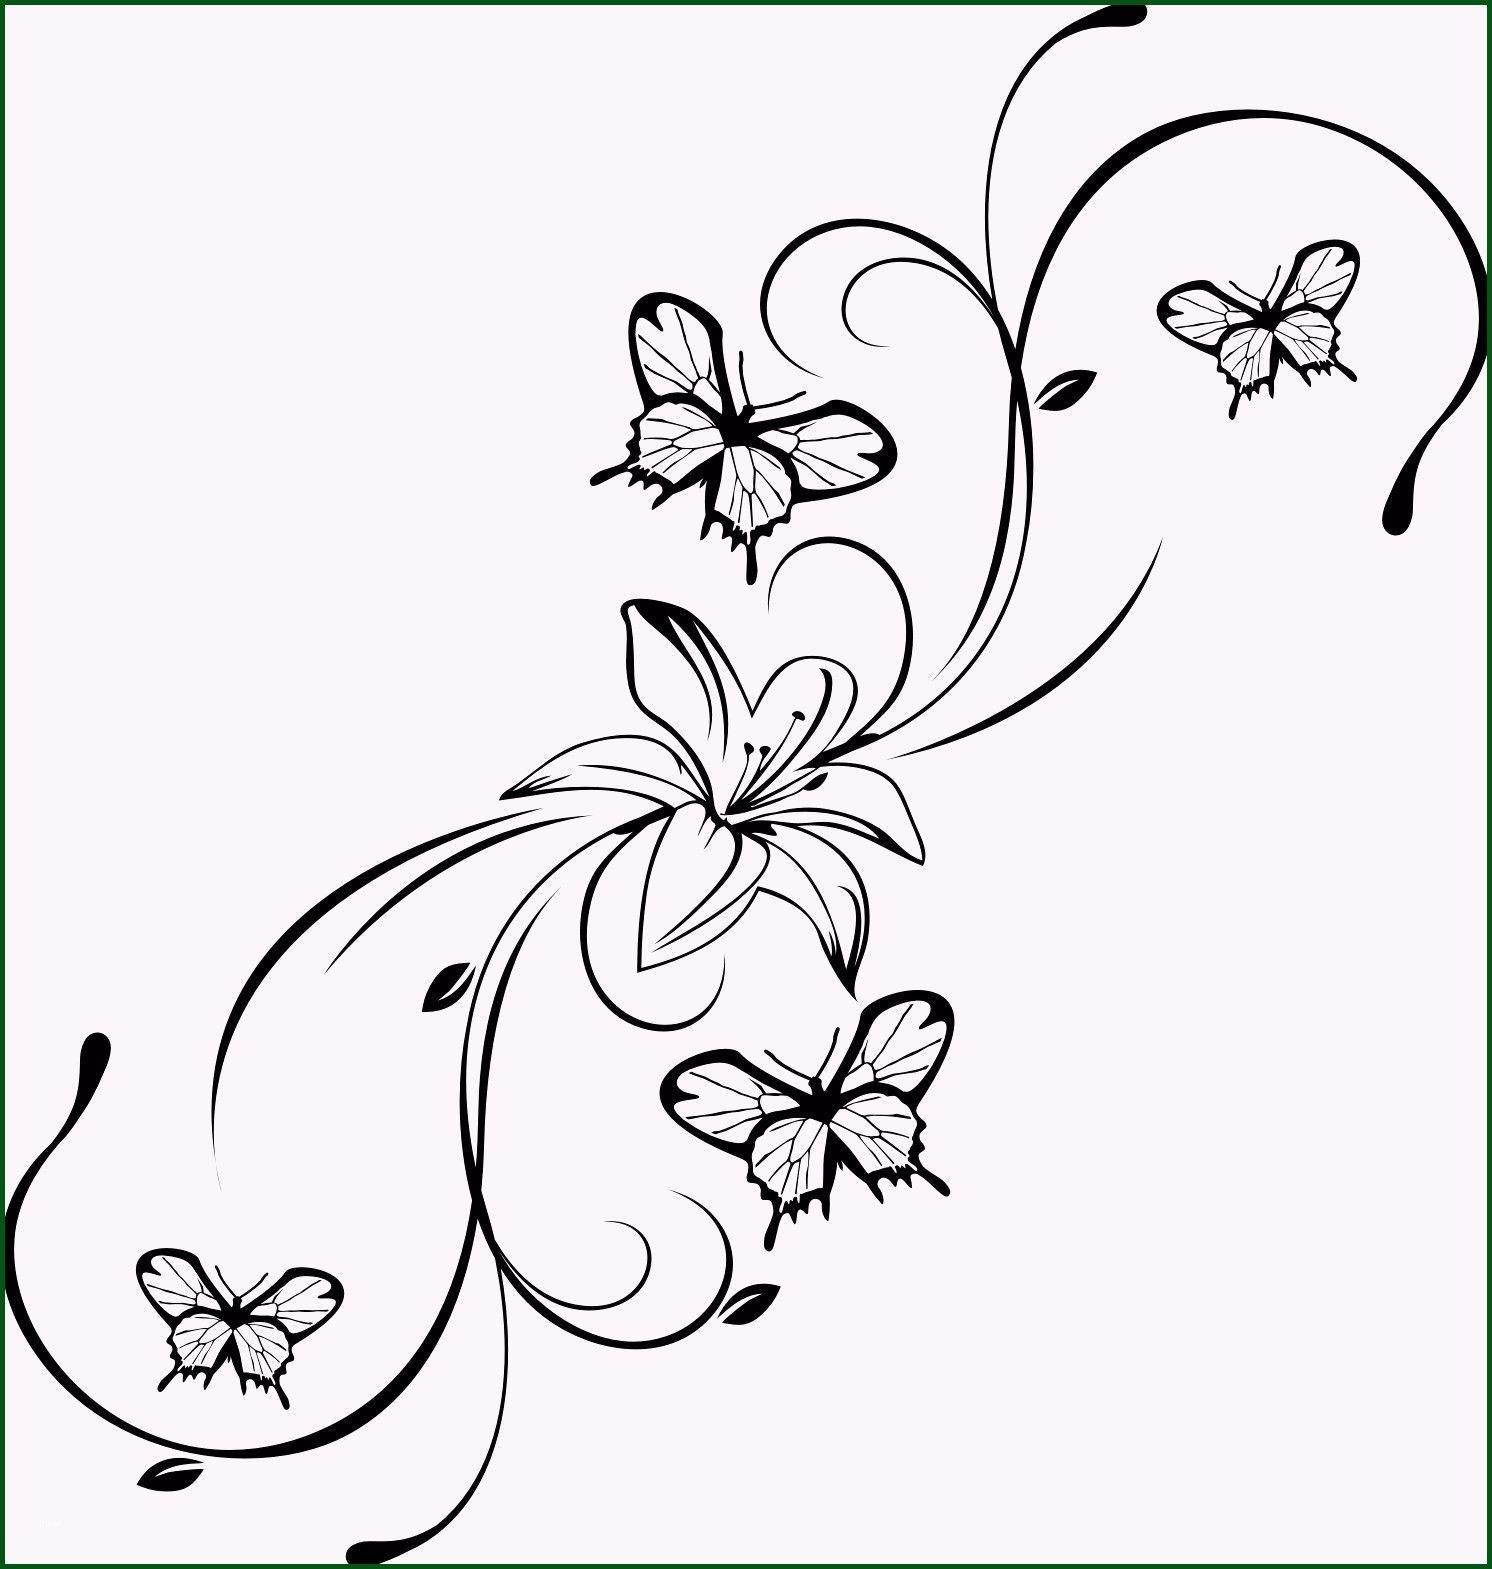 Neu Schmetterling Vorlagen Malvorlagen Malvorlagenfurkinder Malvorlagenfurerwachsene Schmetterling Vor In 2020 Schmetterling Vorlage Malvorlagen Blumen Malvorlagen